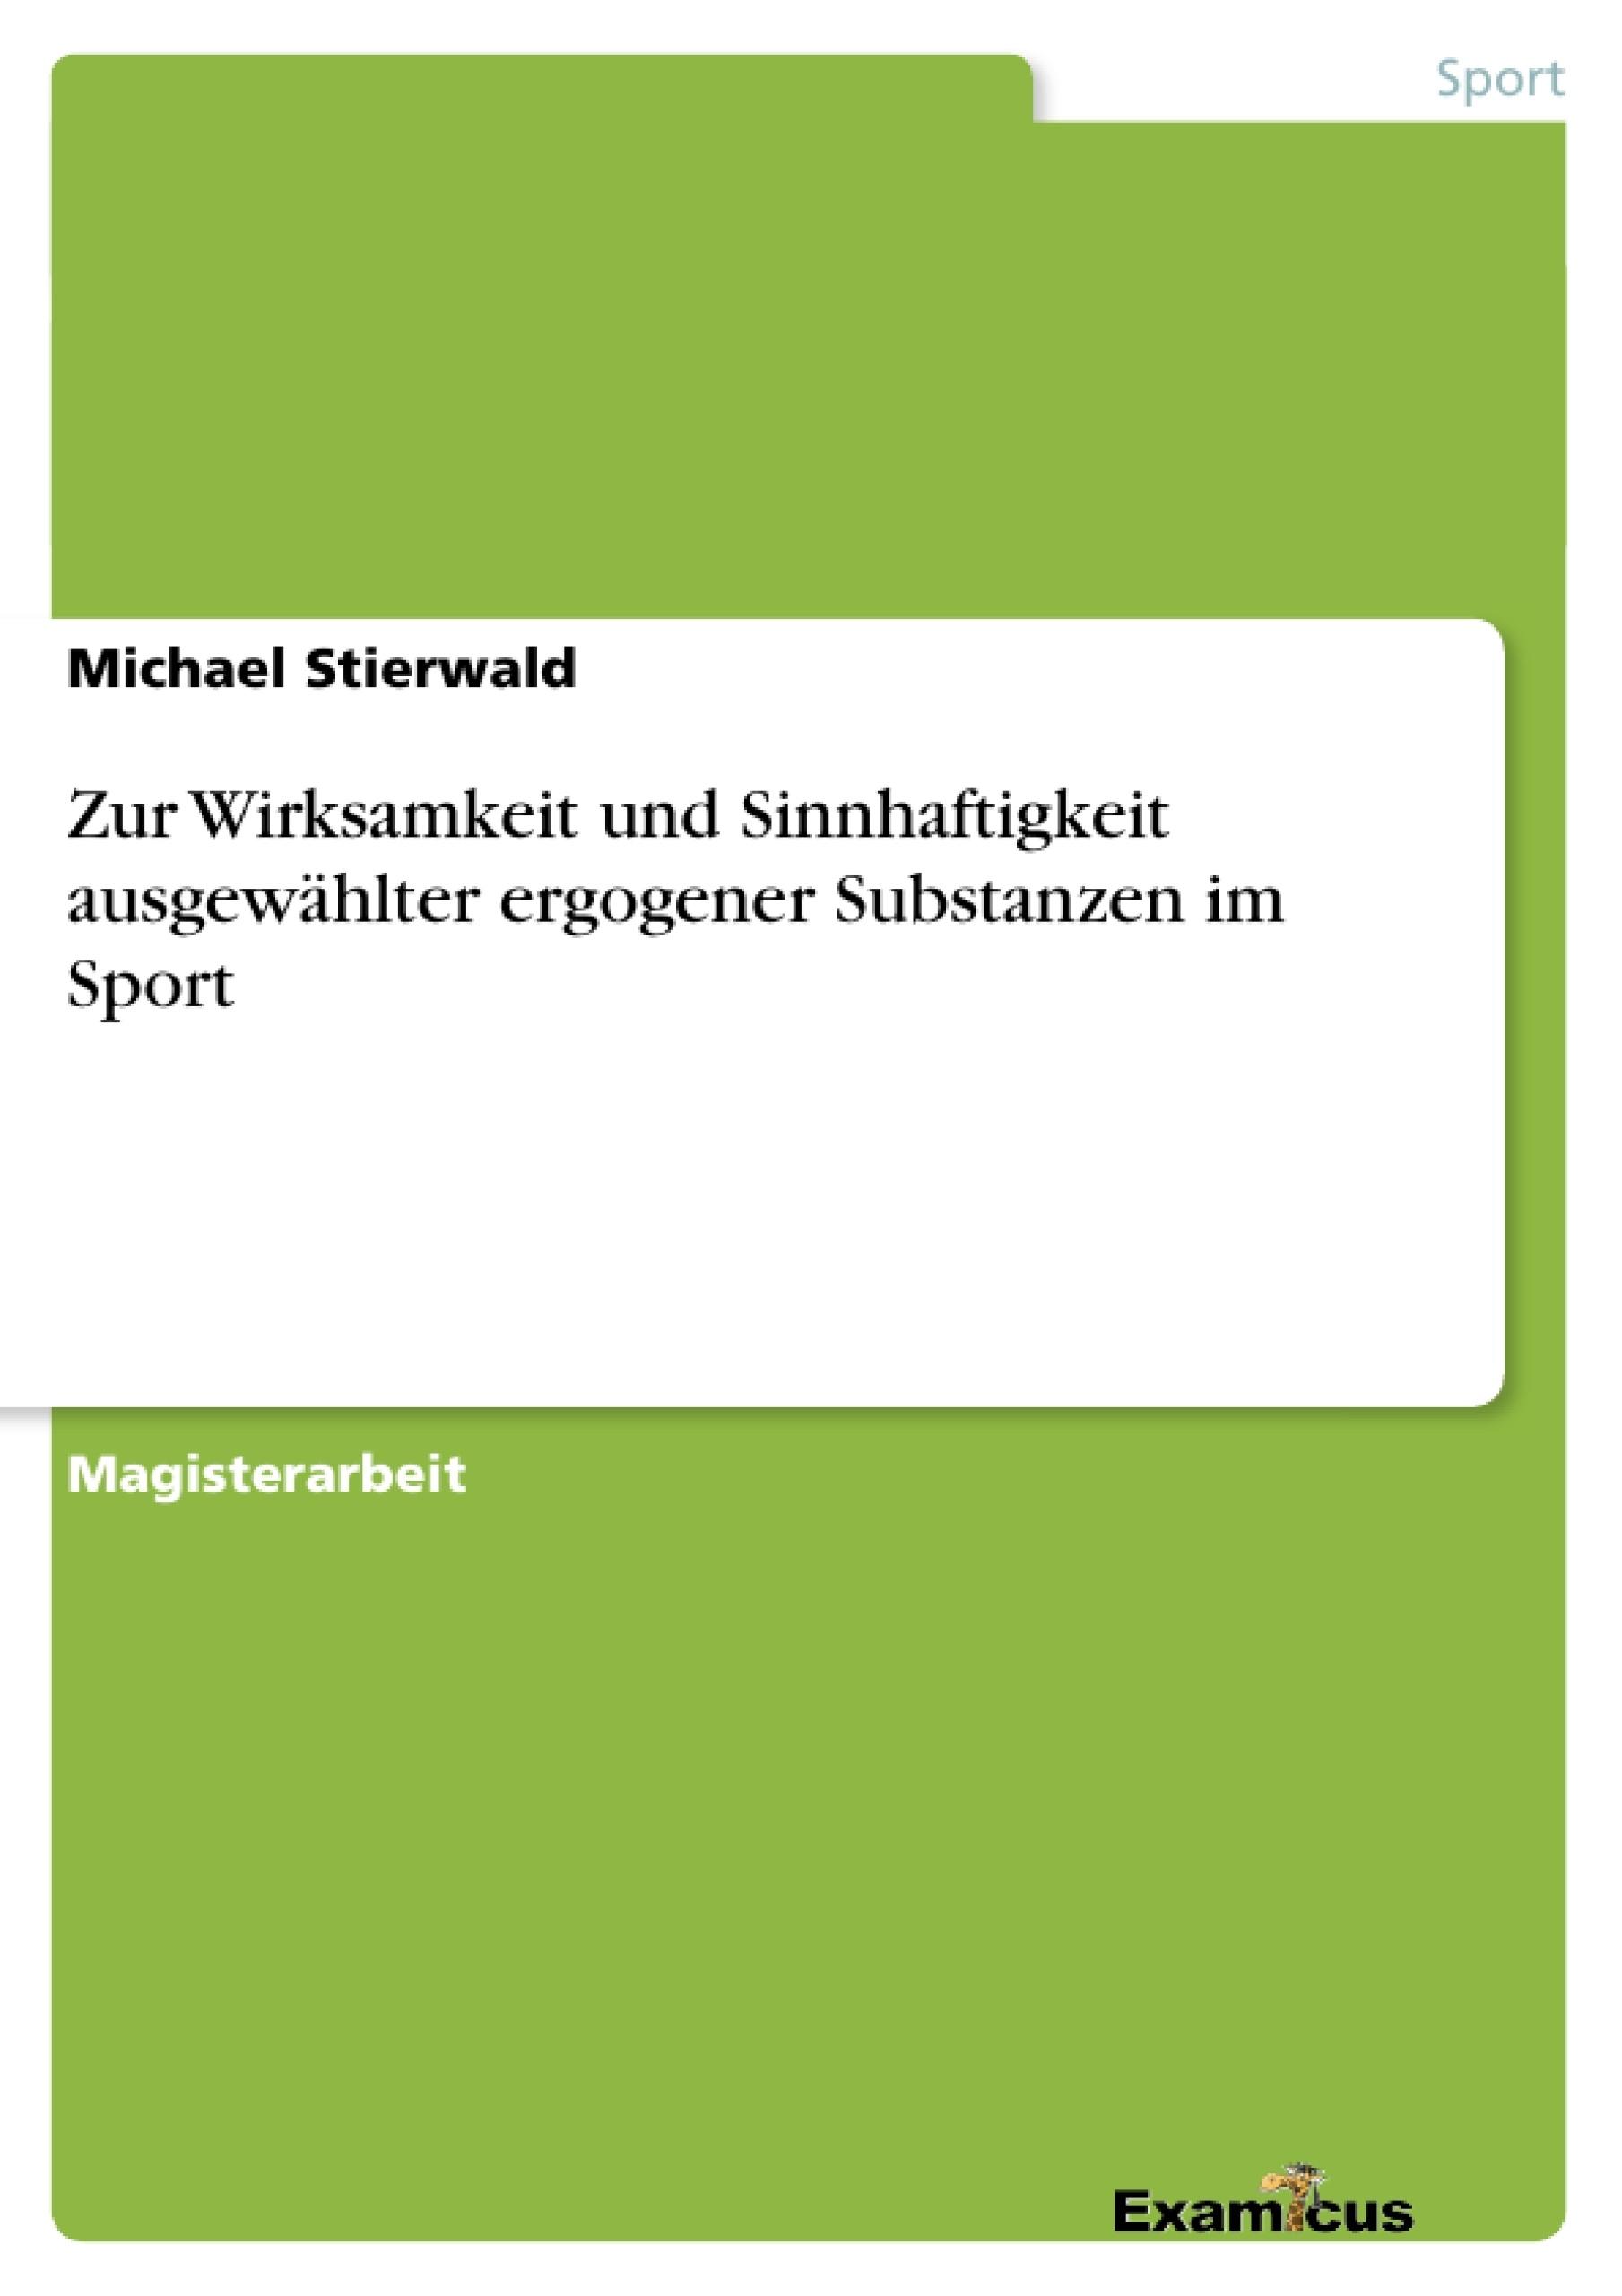 Titel: Zur Wirksamkeit und Sinnhaftigkeit ausgewählter ergogener Substanzen im Sport